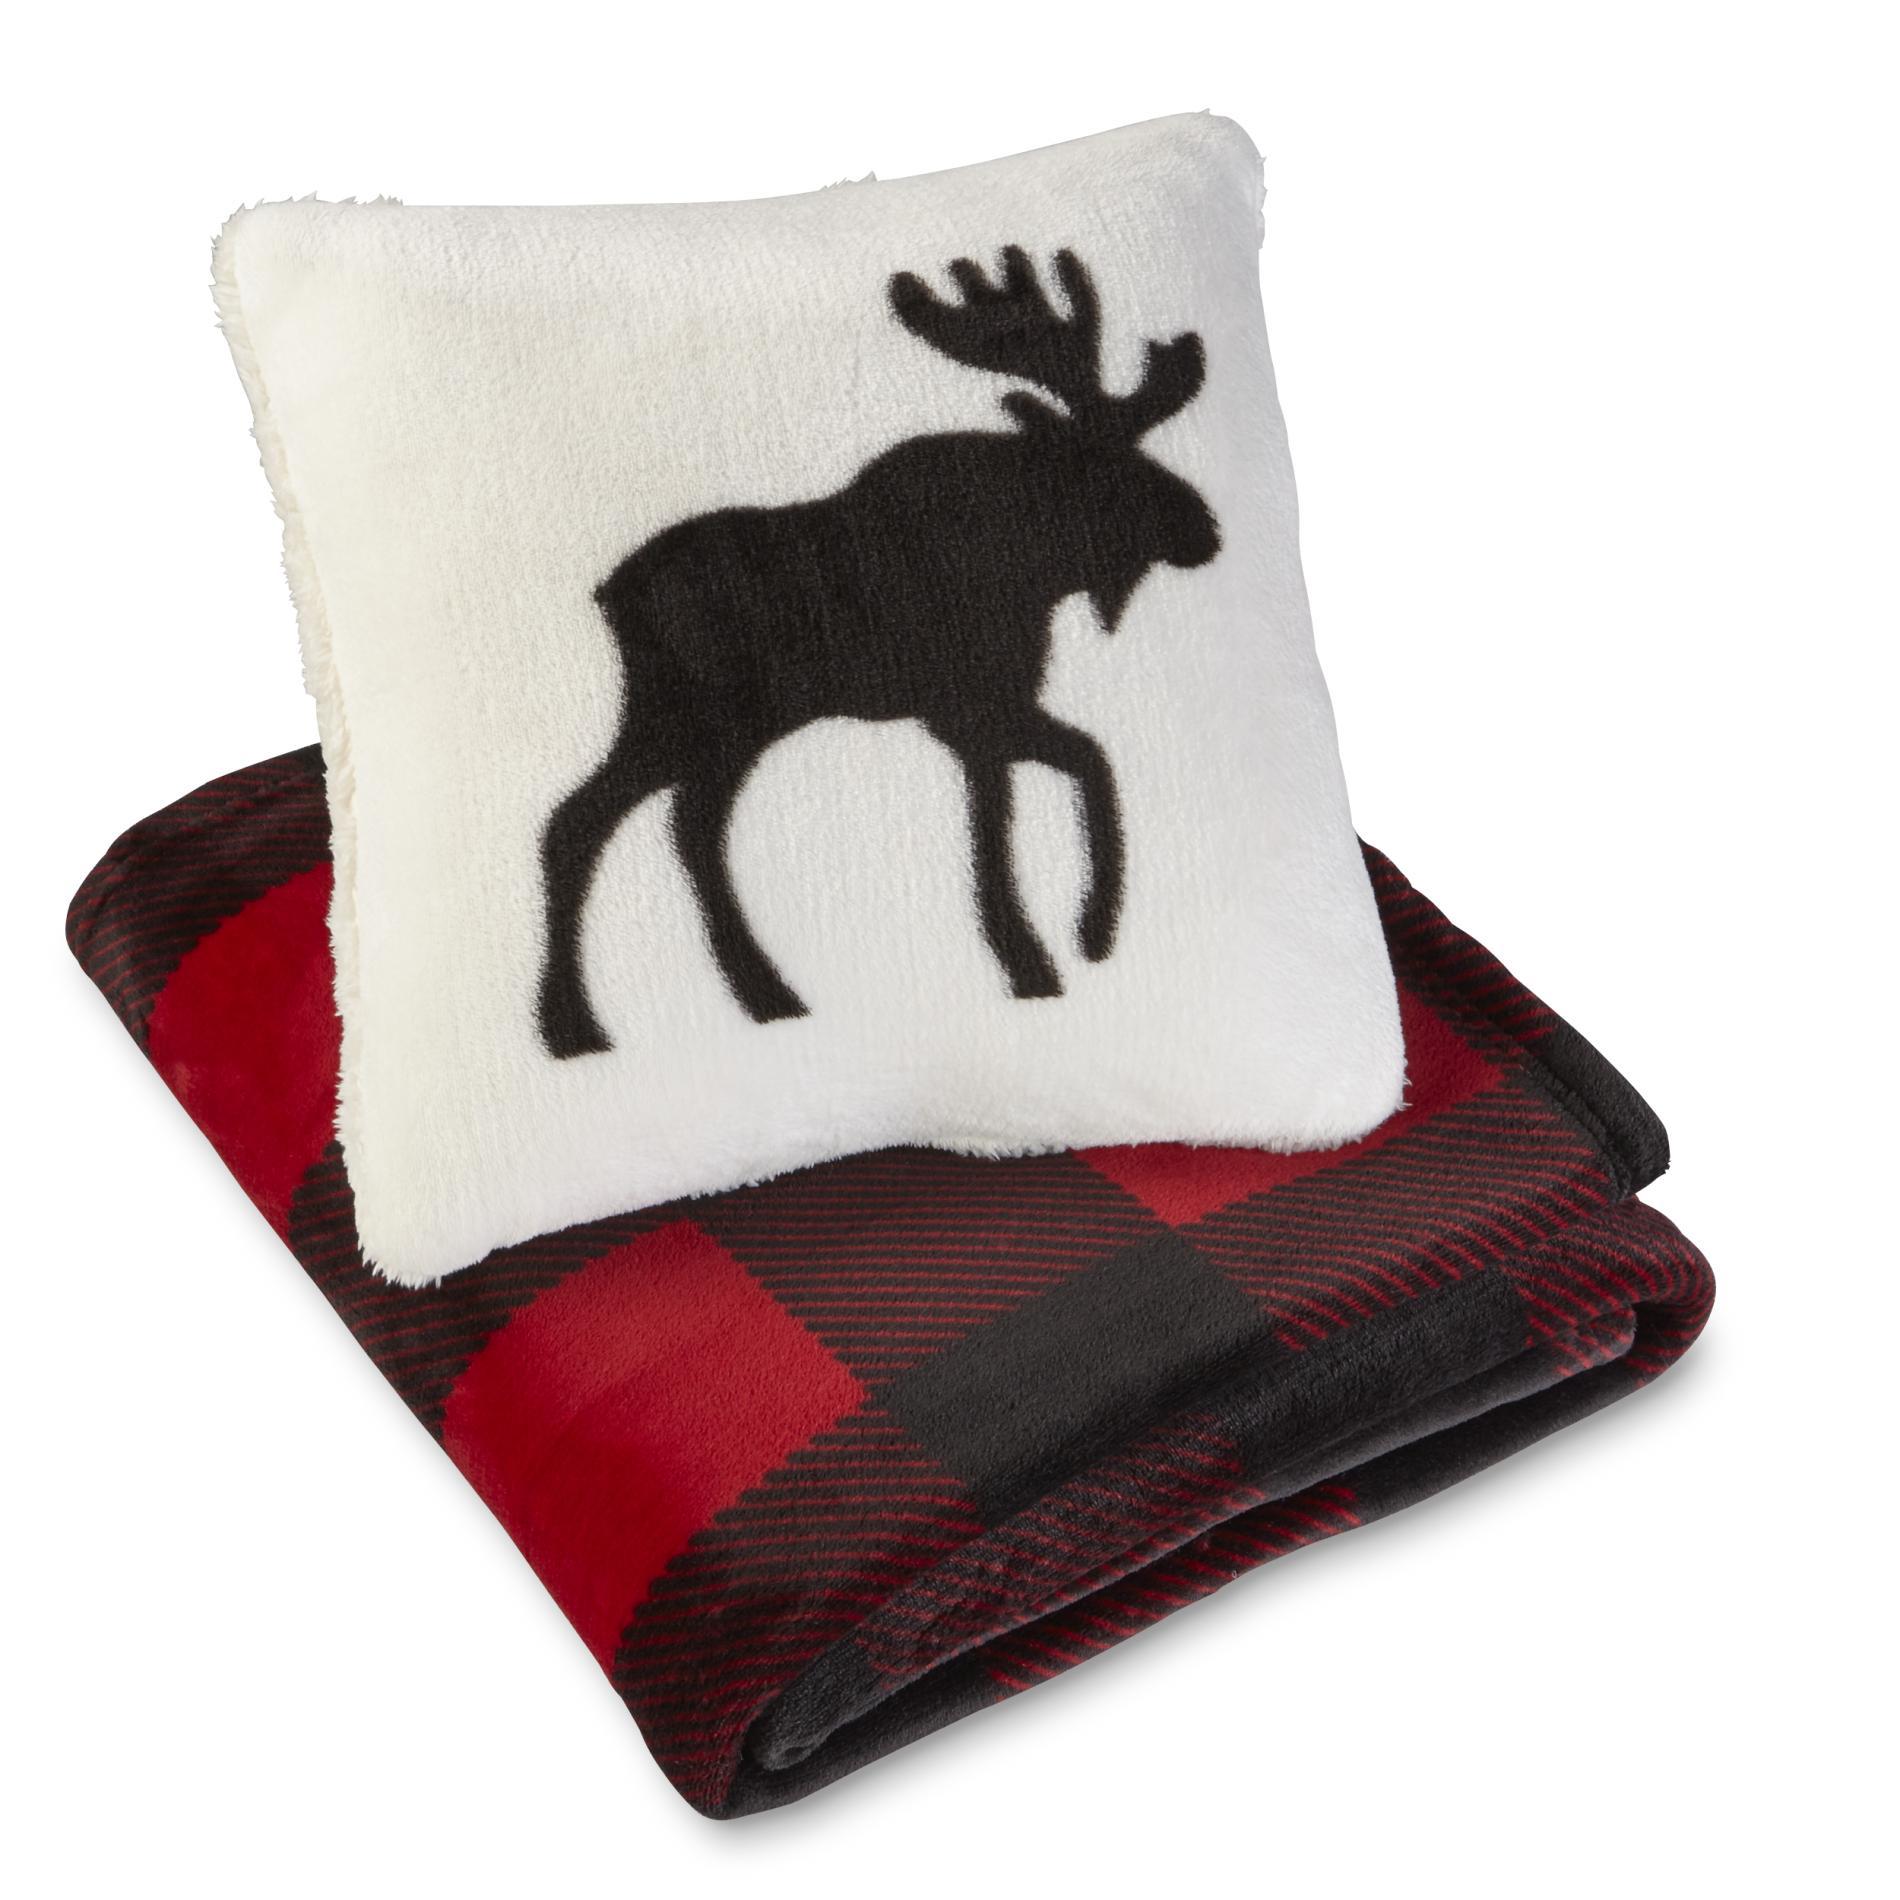 Throw Pillows Kirklands : Cannon Pillow & Throw Set - Moose & Plaid - Kmart